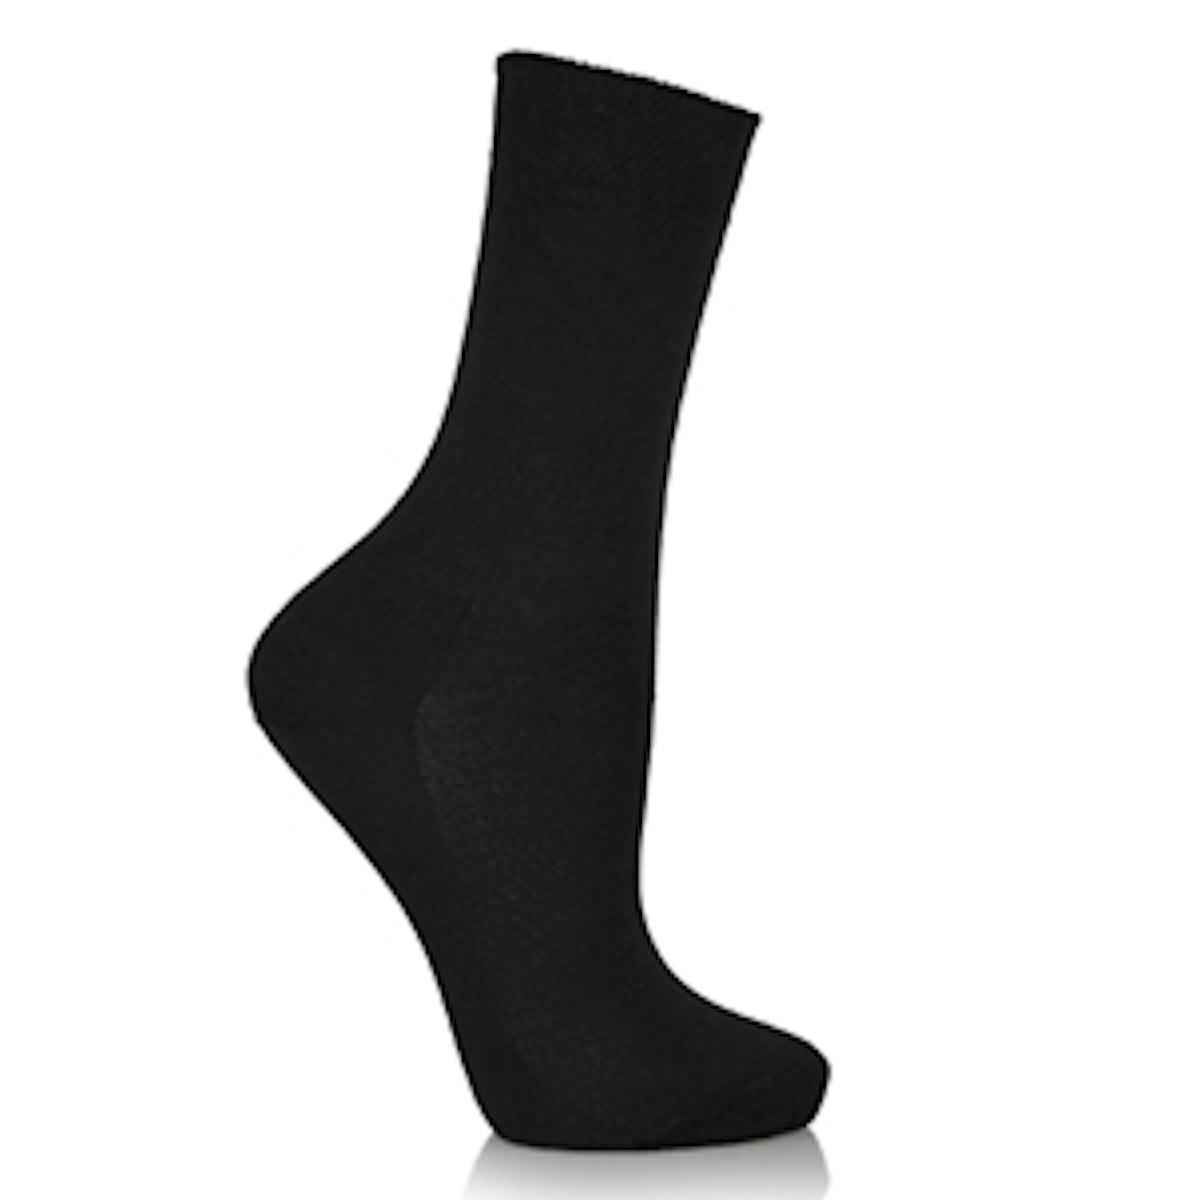 Cashmere-Blend Socks